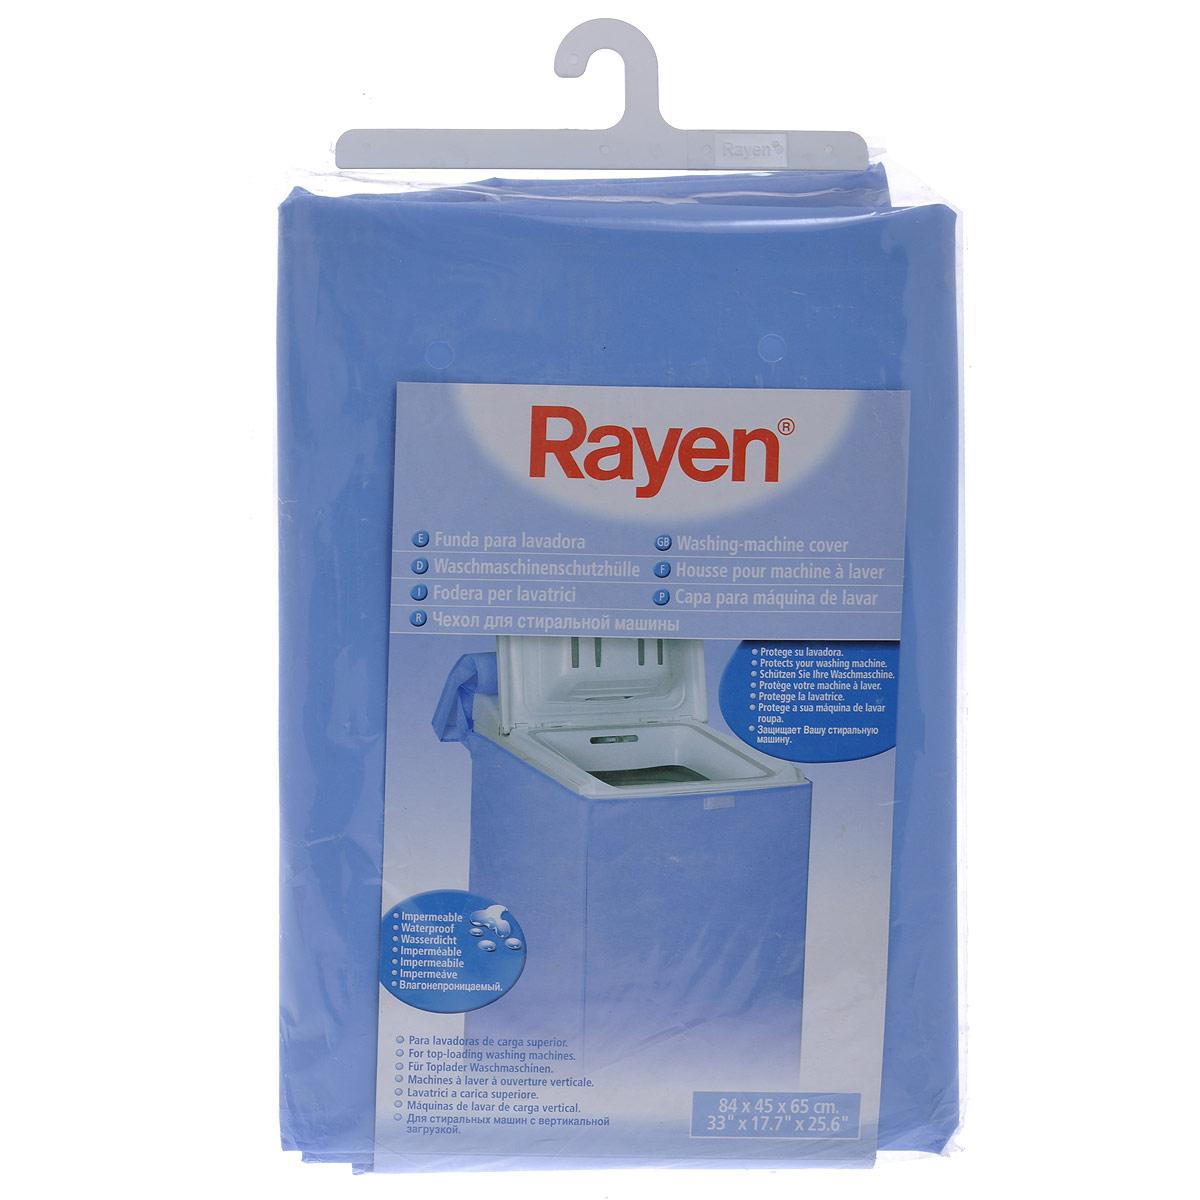 Чехол Rayen для вертикальной стиральной машины, 84 х 45 х 65 см